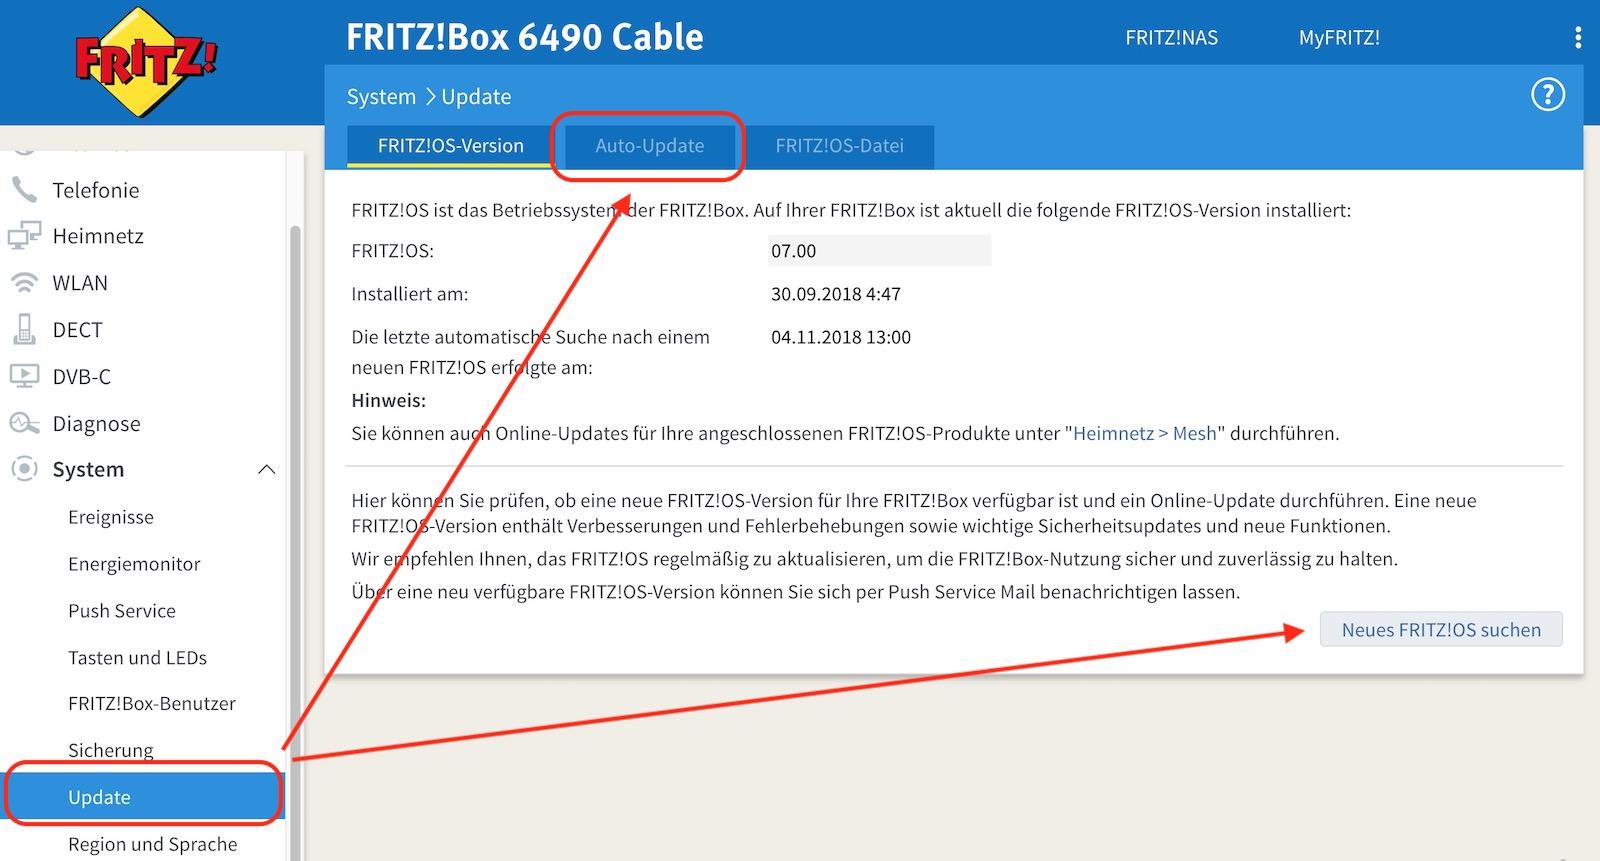 FRITZ!Box updaten